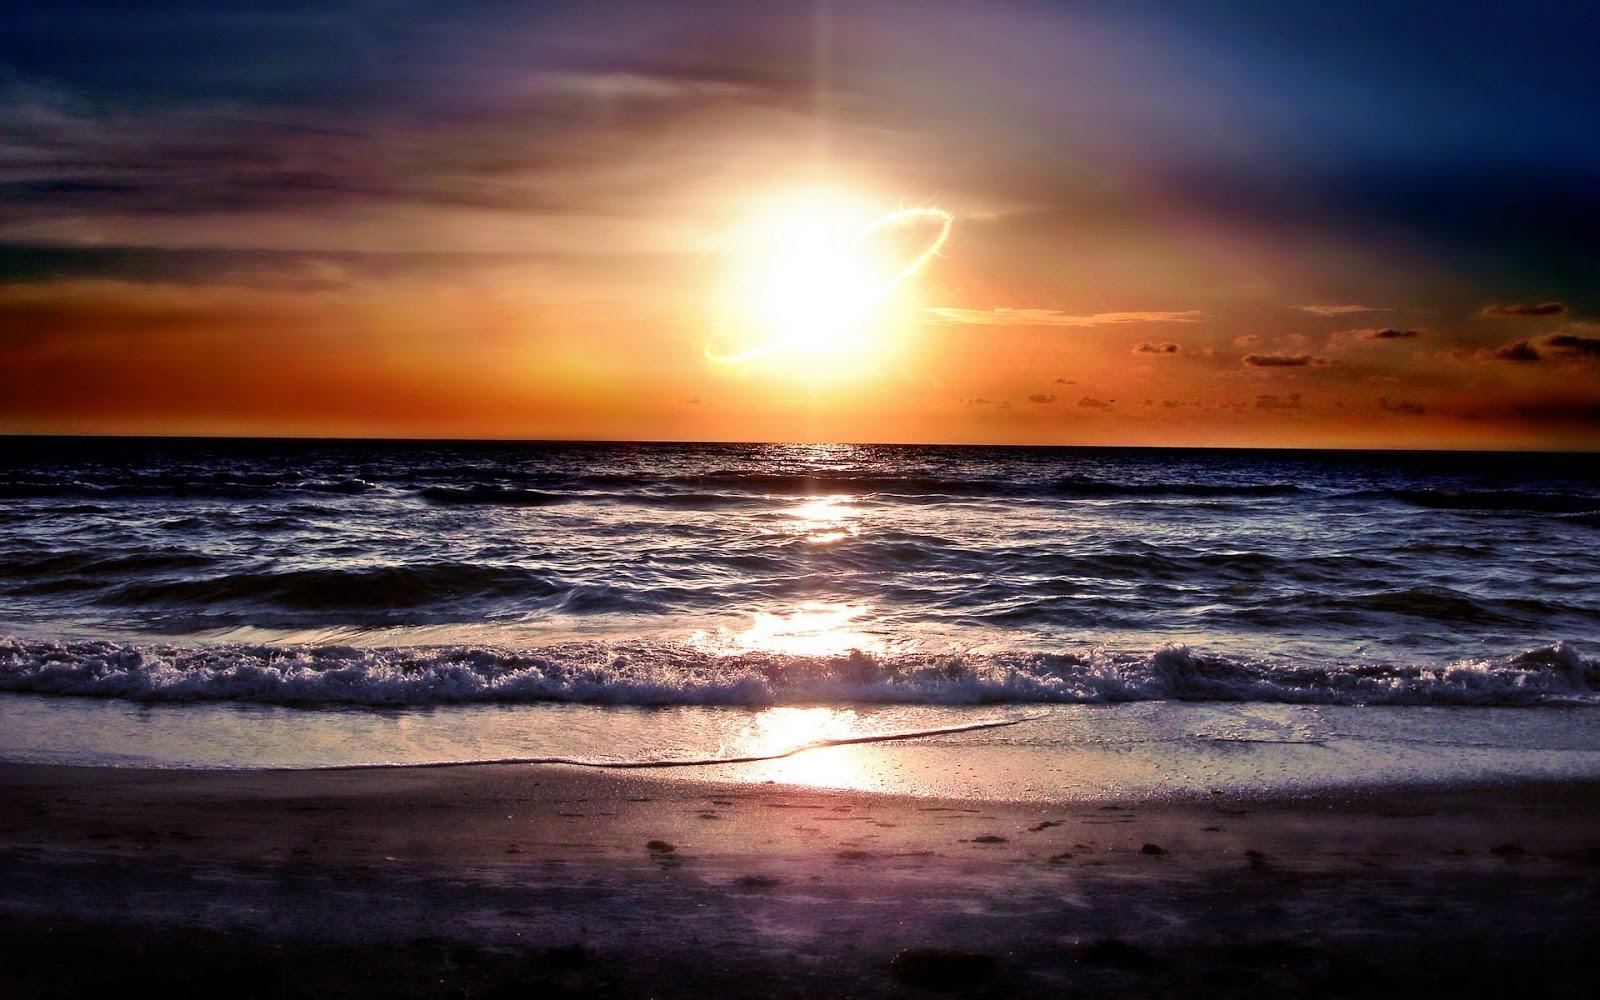 beach sunset wallpaper 1600x1000